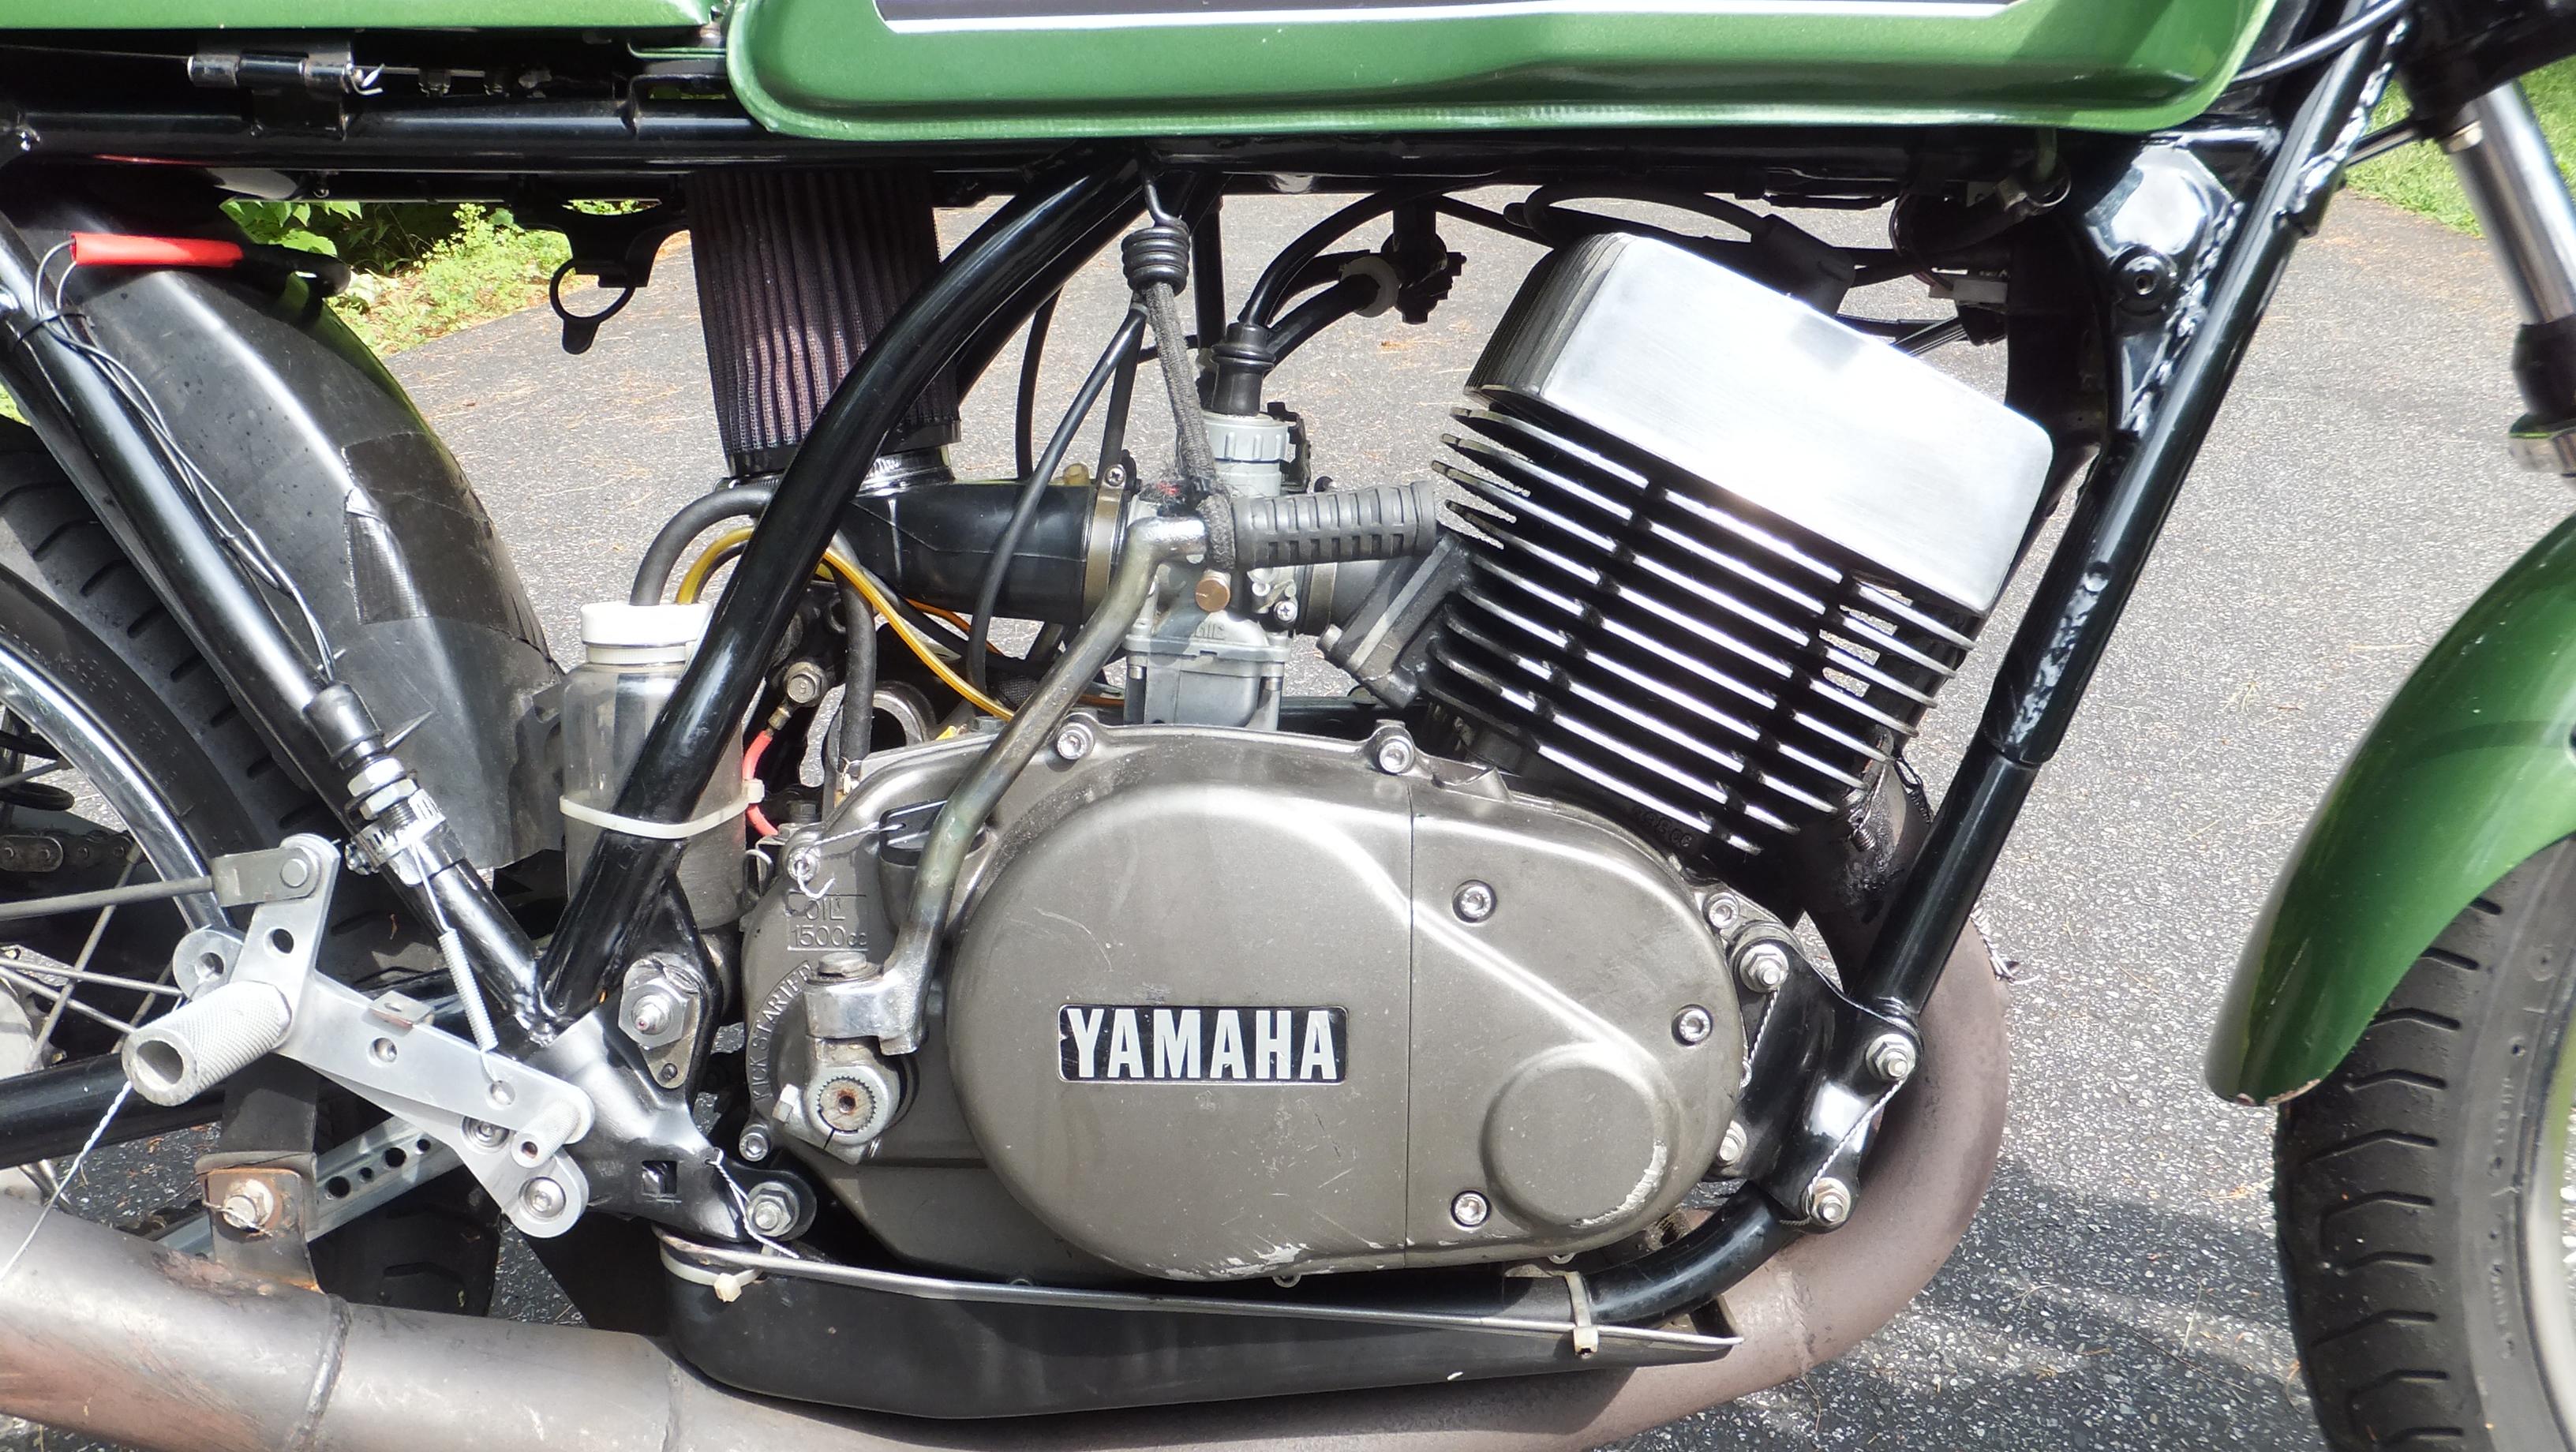 1976 Yamaha RD400 Caf Racer or Vintage Race Bike